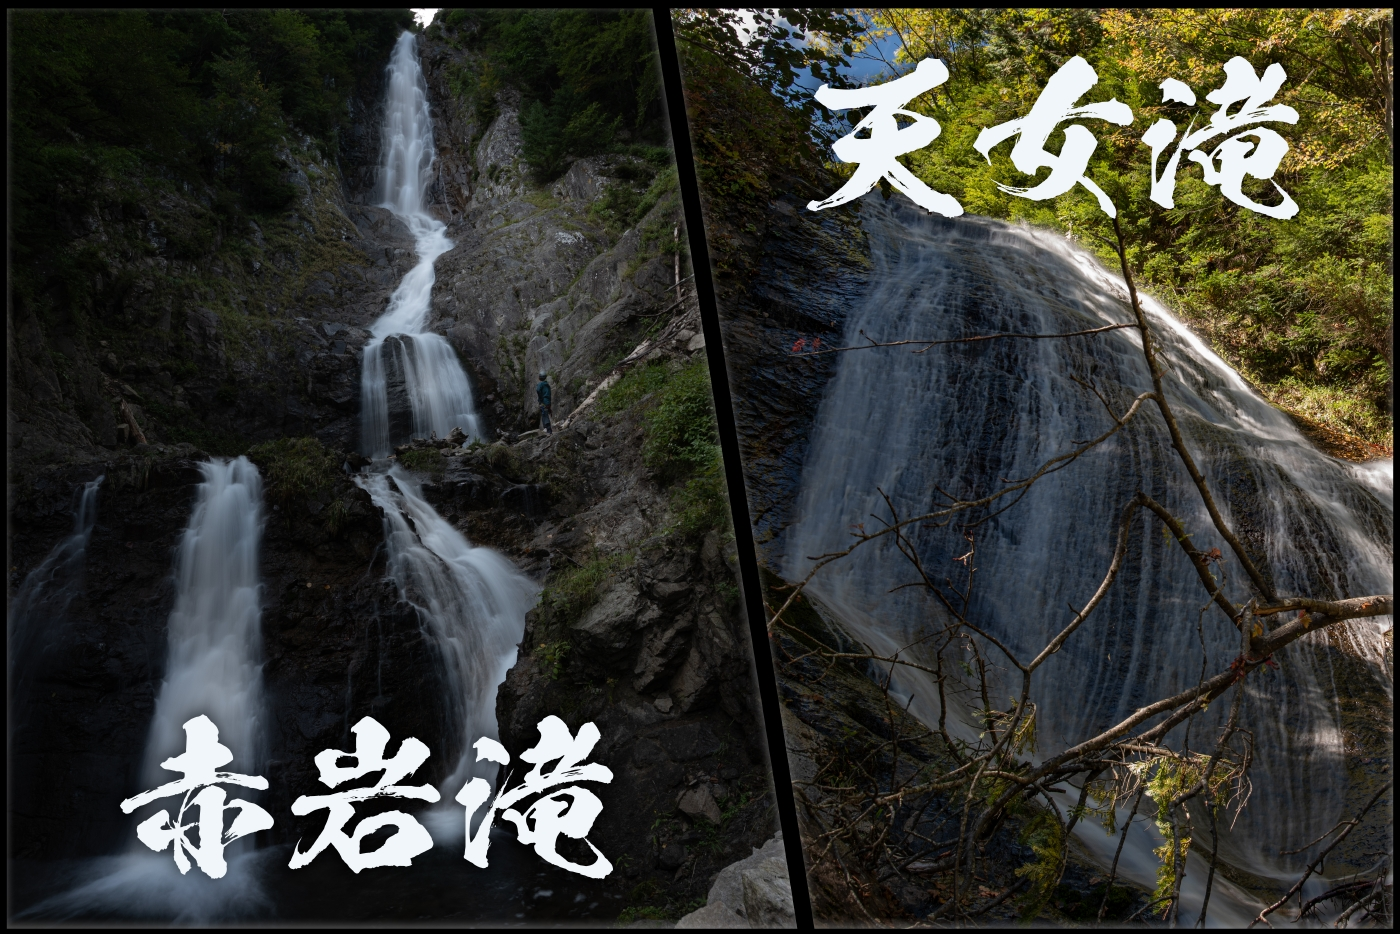 赤岩滝と黒岩滝と天女滝 ~栃木県・日光市~